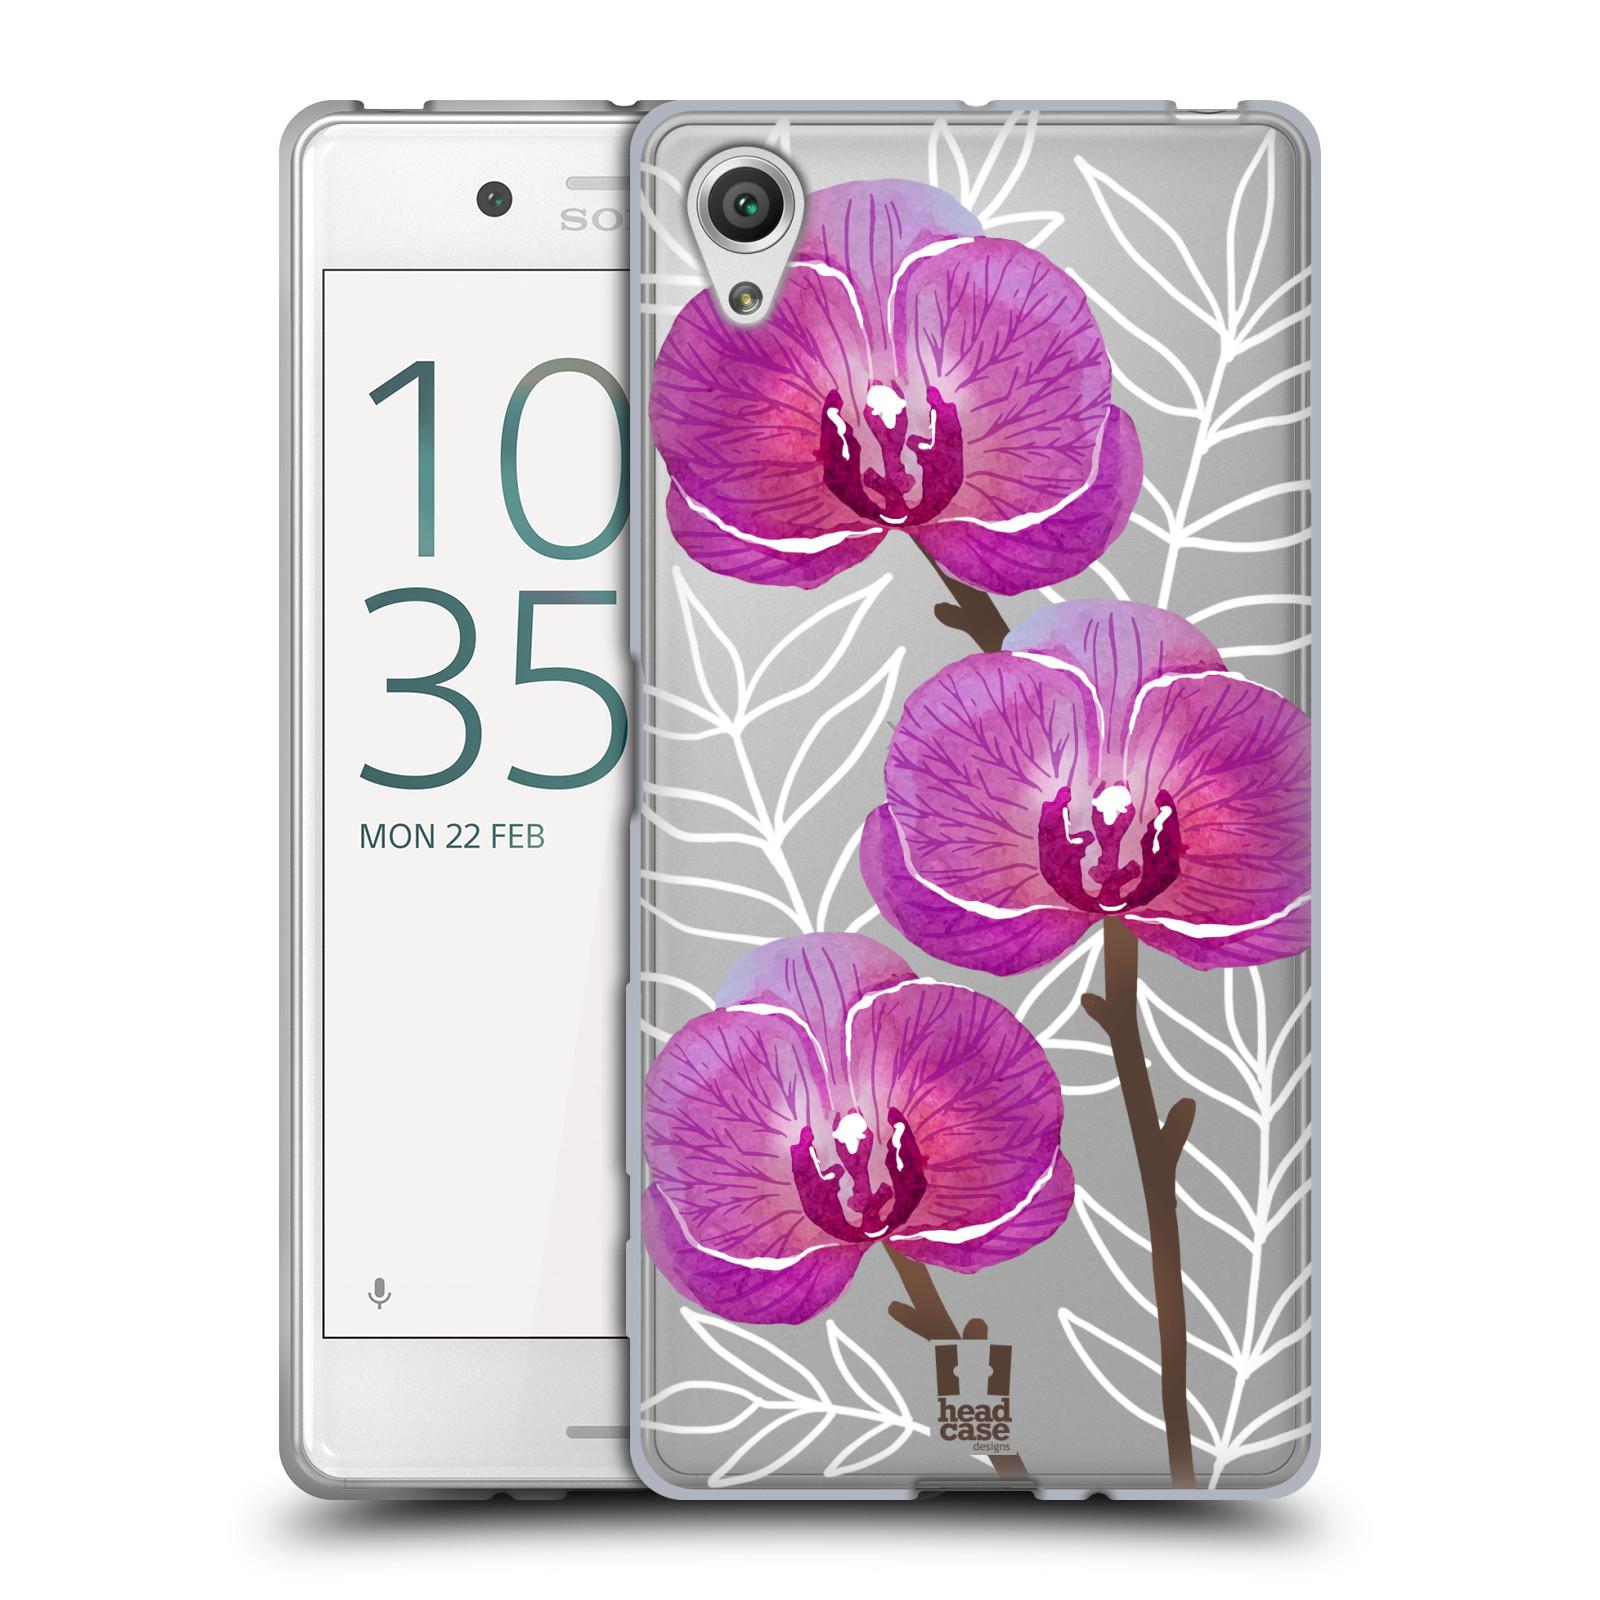 Silikonové pouzdro na mobil Sony Xperia X - Head Case - Hezoučké kvítky - průhledné